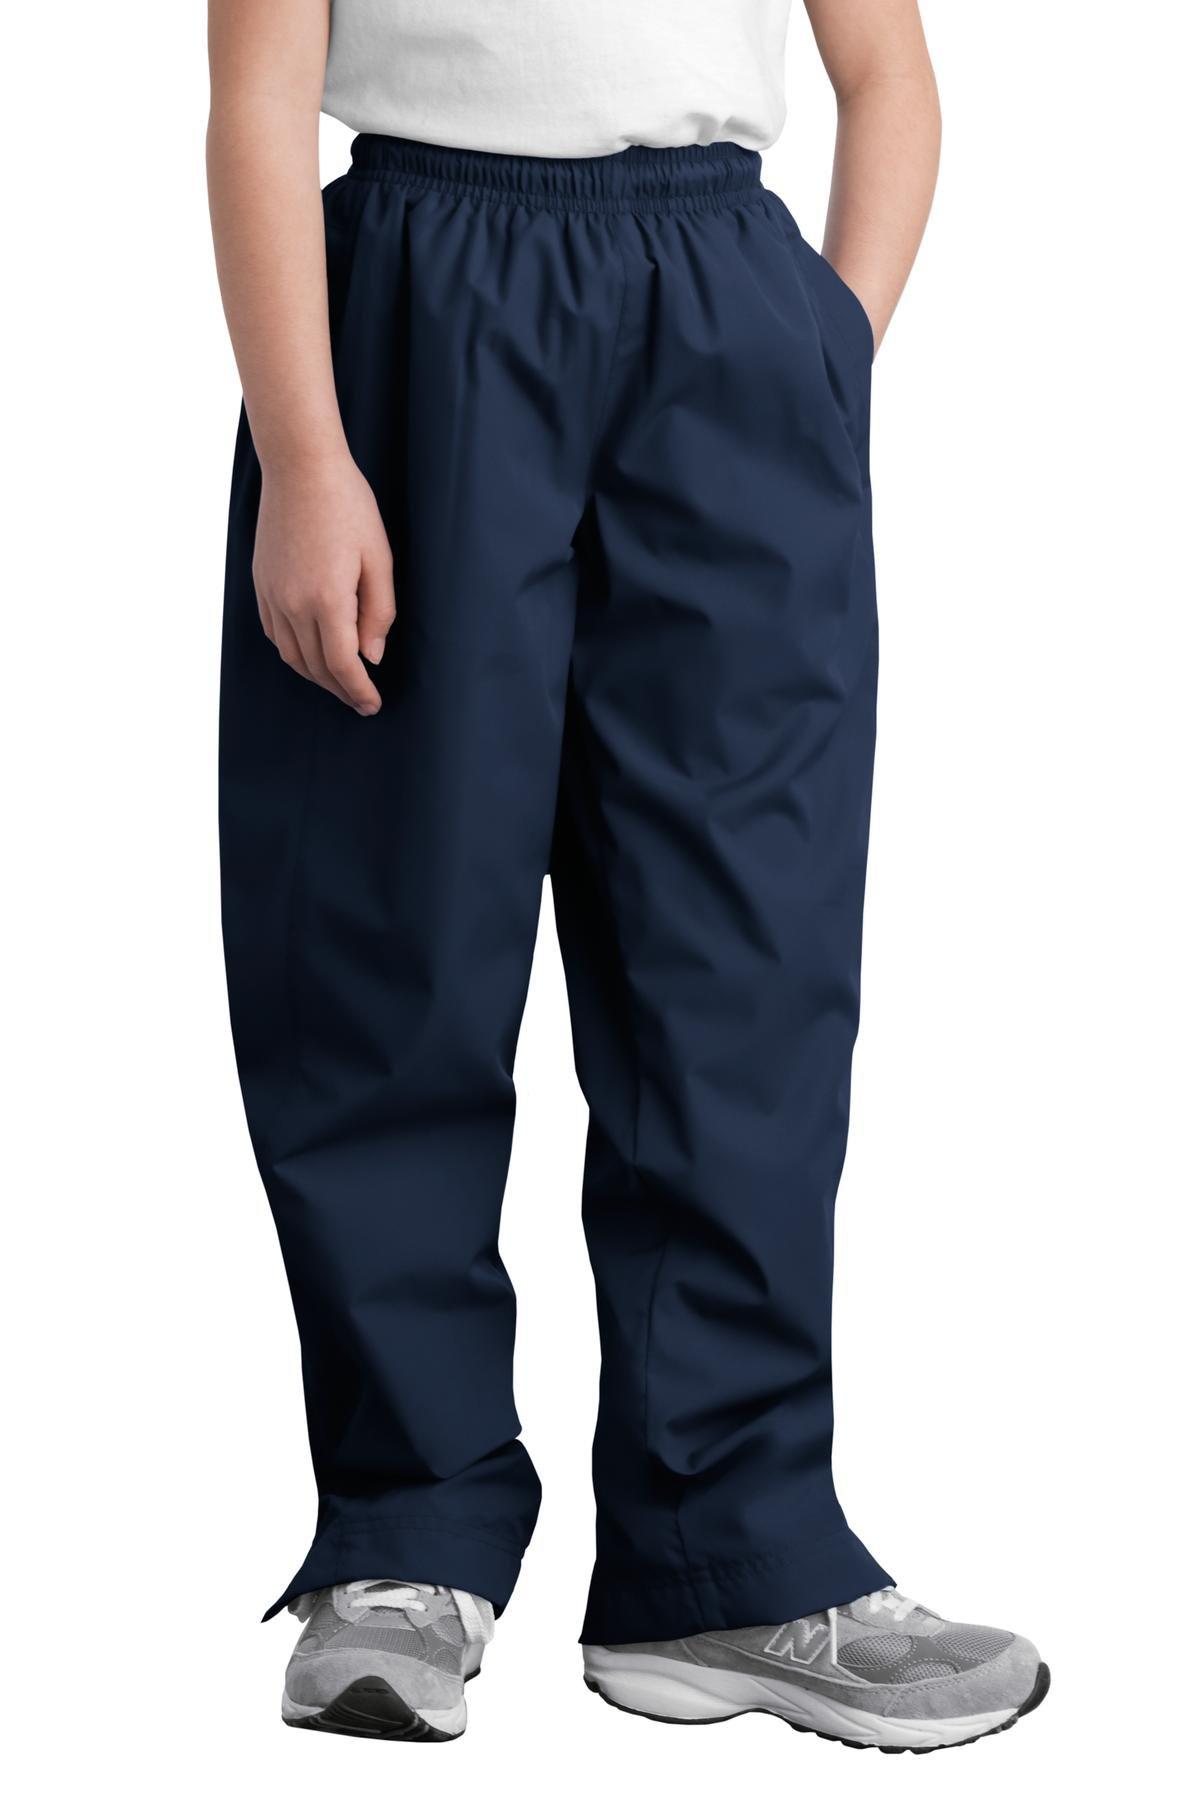 Sport-Tek Youth Wind Pant, True Navy, XL by Sport-Tek